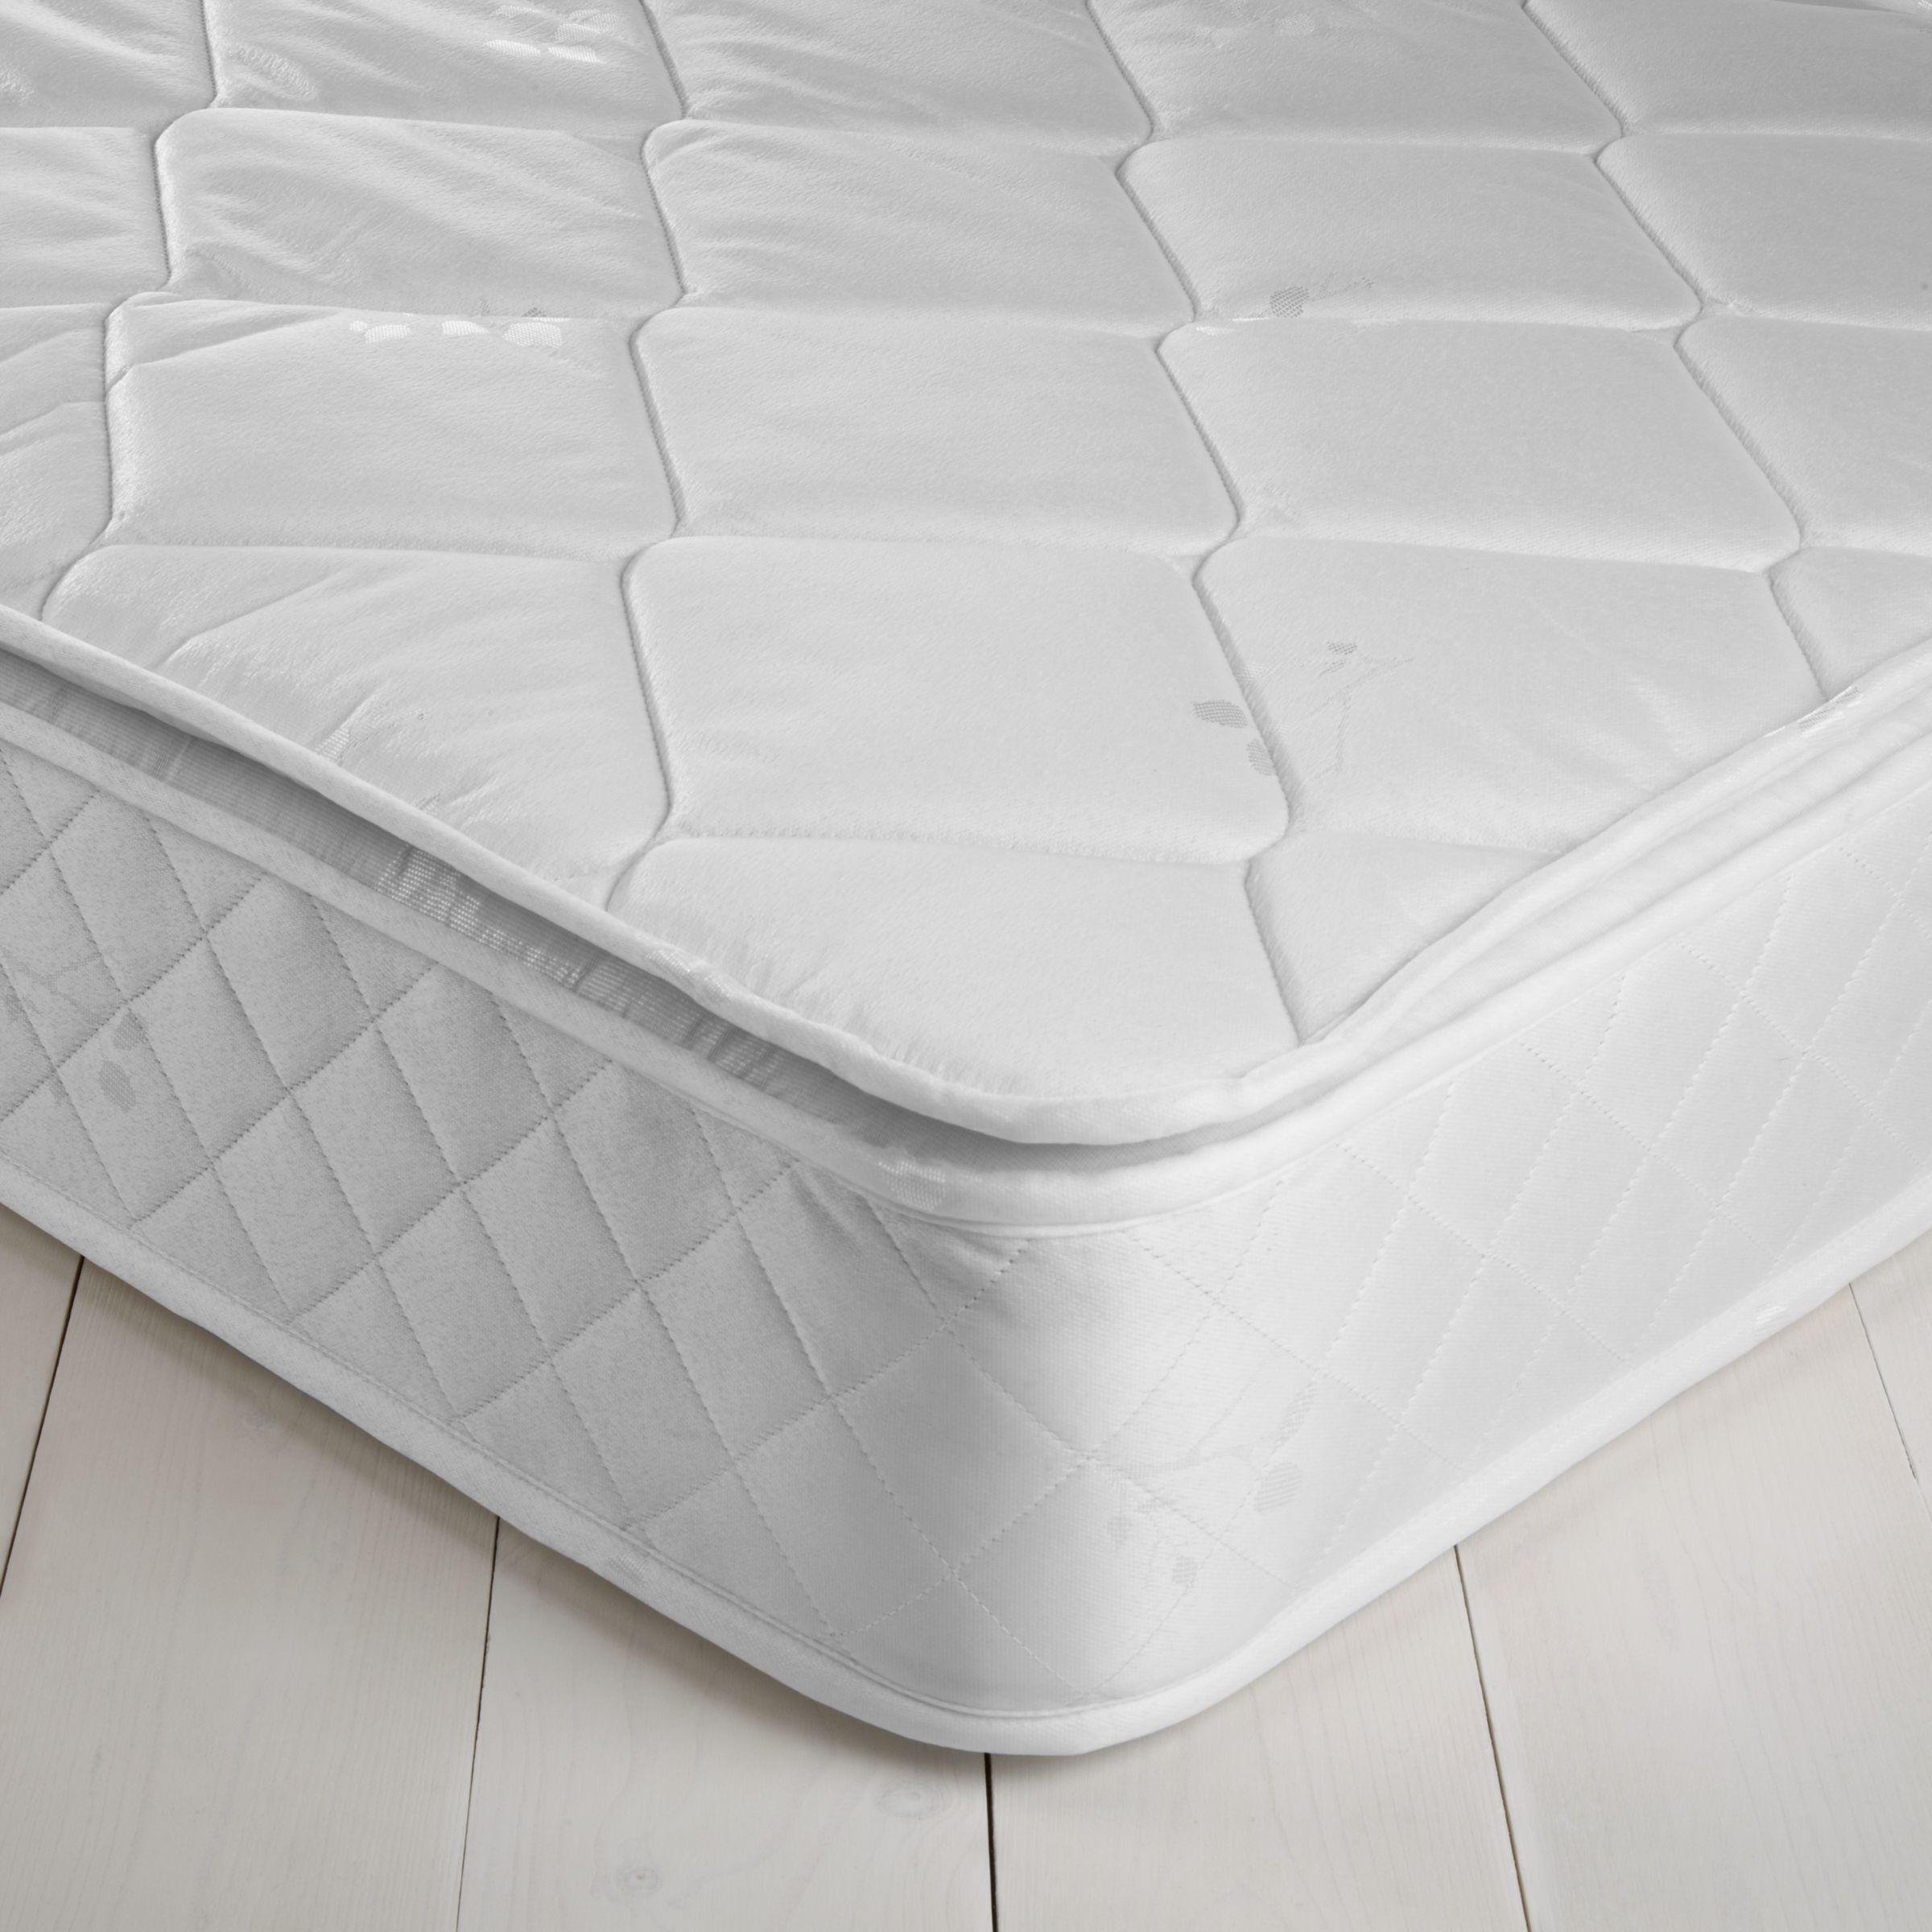 John Lewis Value Open Pillowtop Mattress, Single